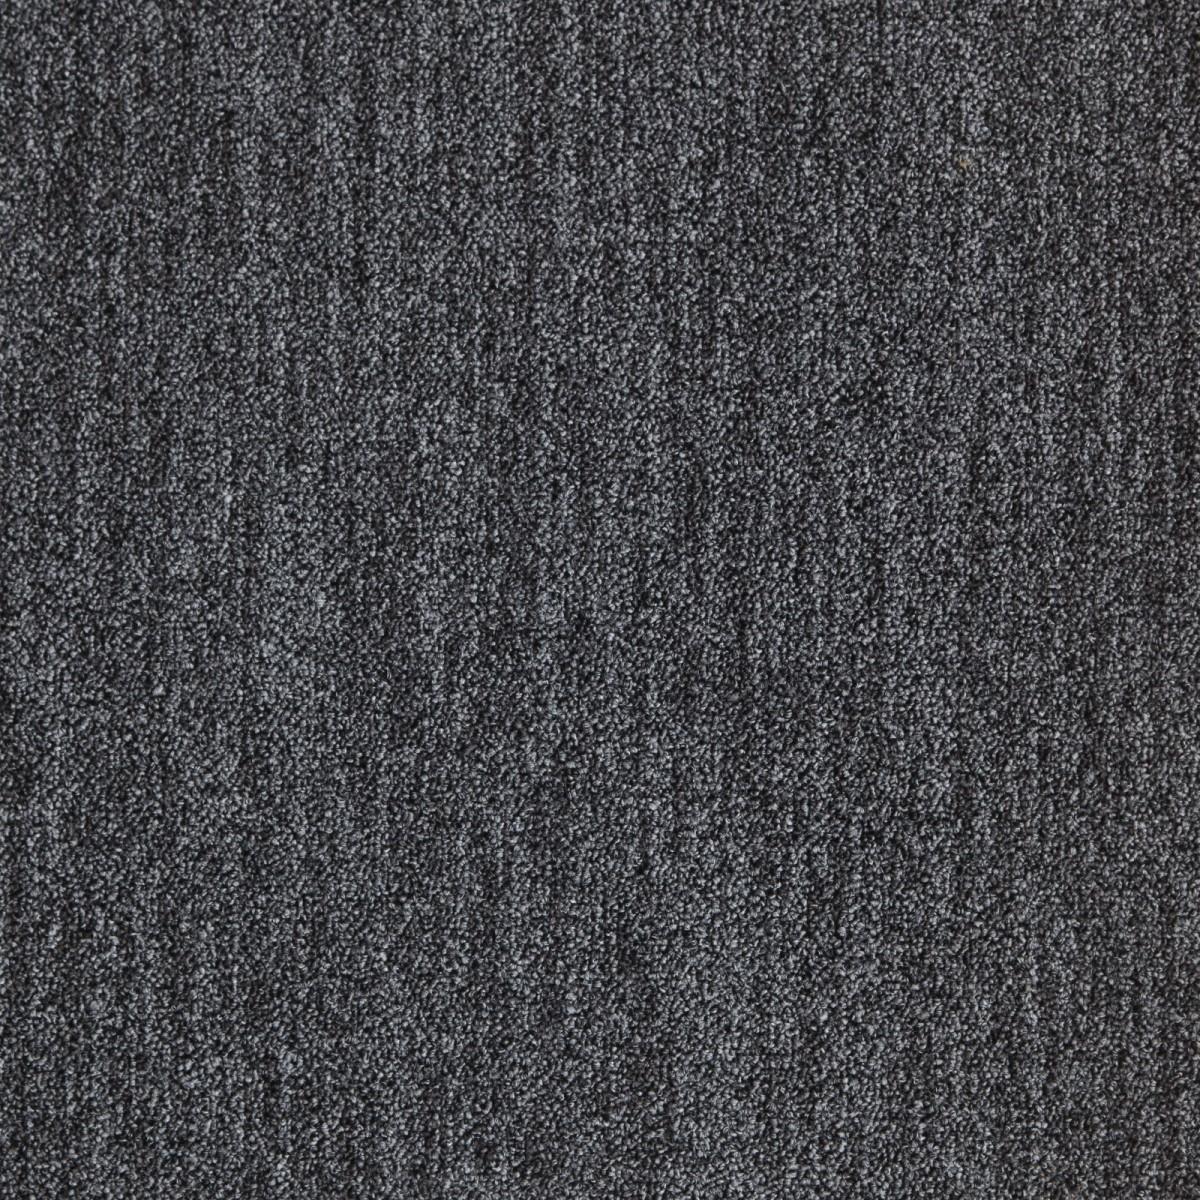 Gran53850